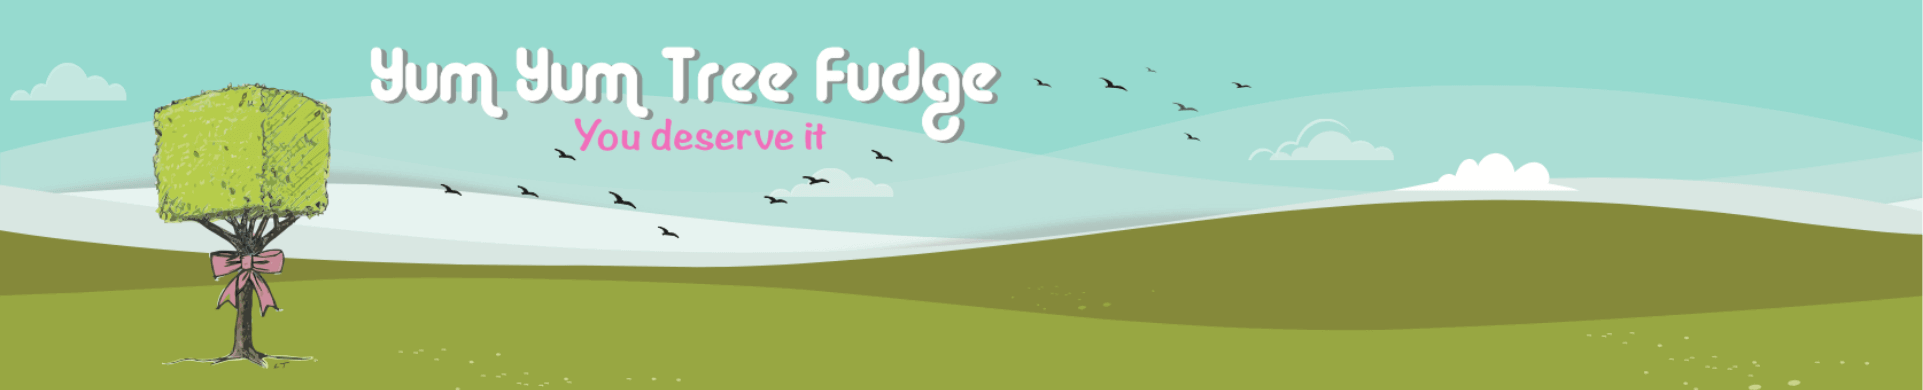 Yum Yum Tree Fudge Ltd